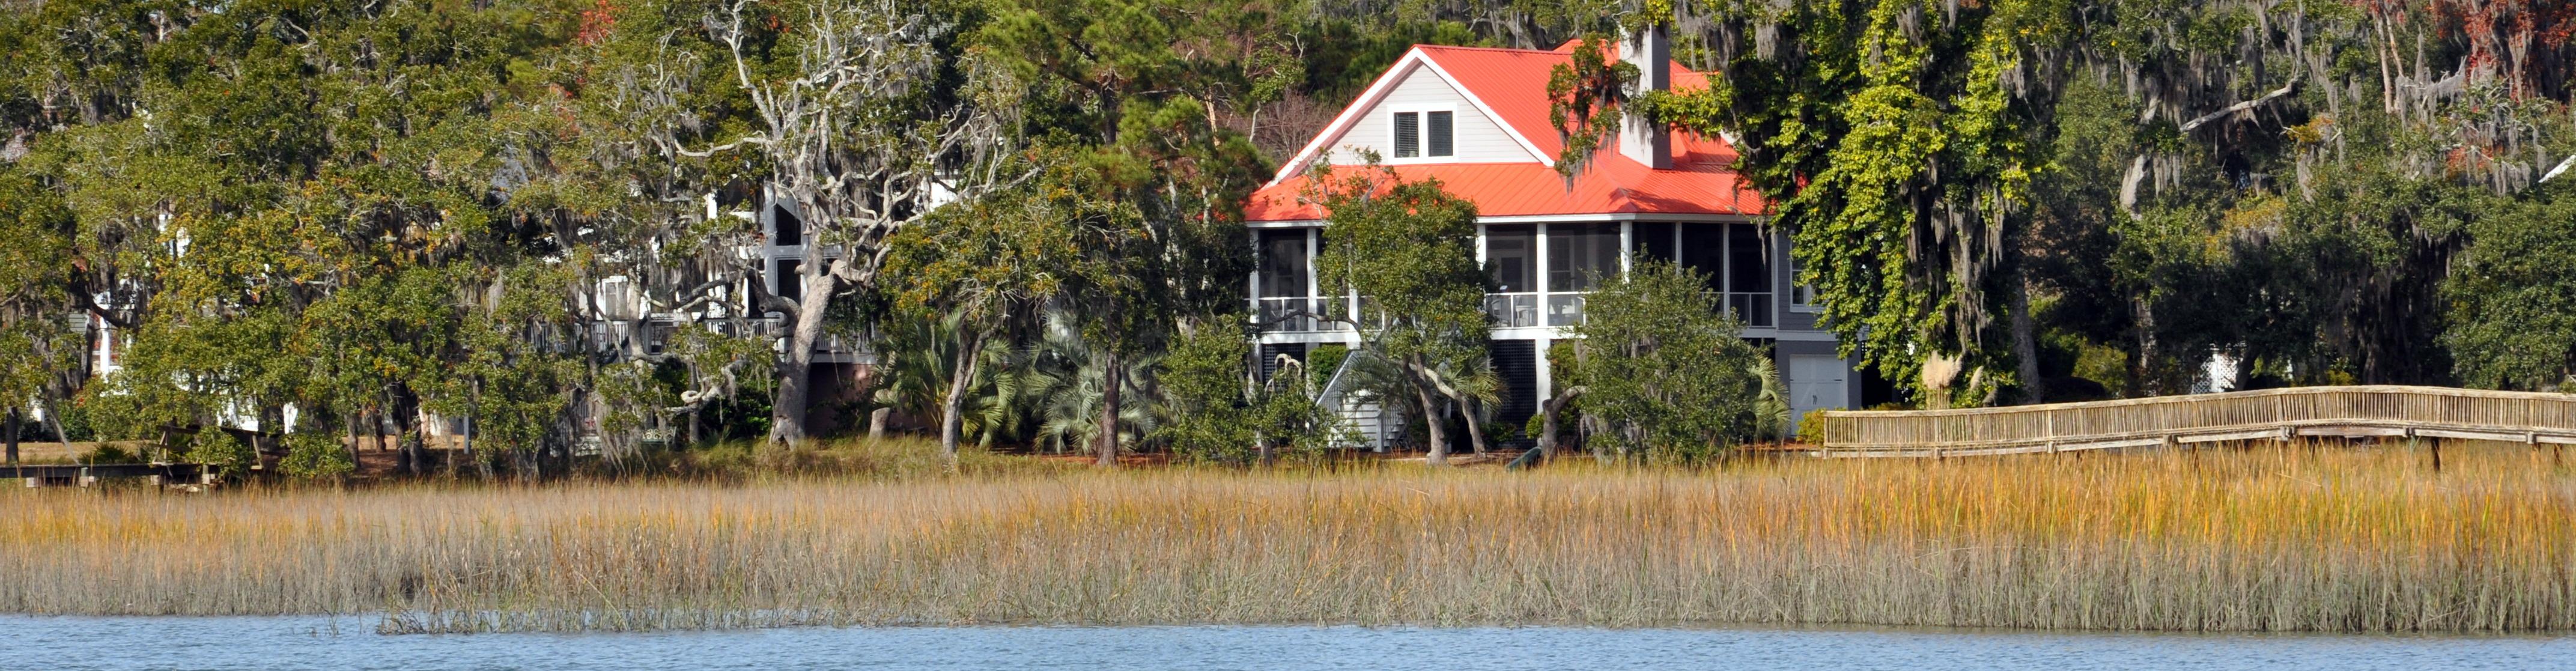 Neighborhoods On Ladys Island Sc